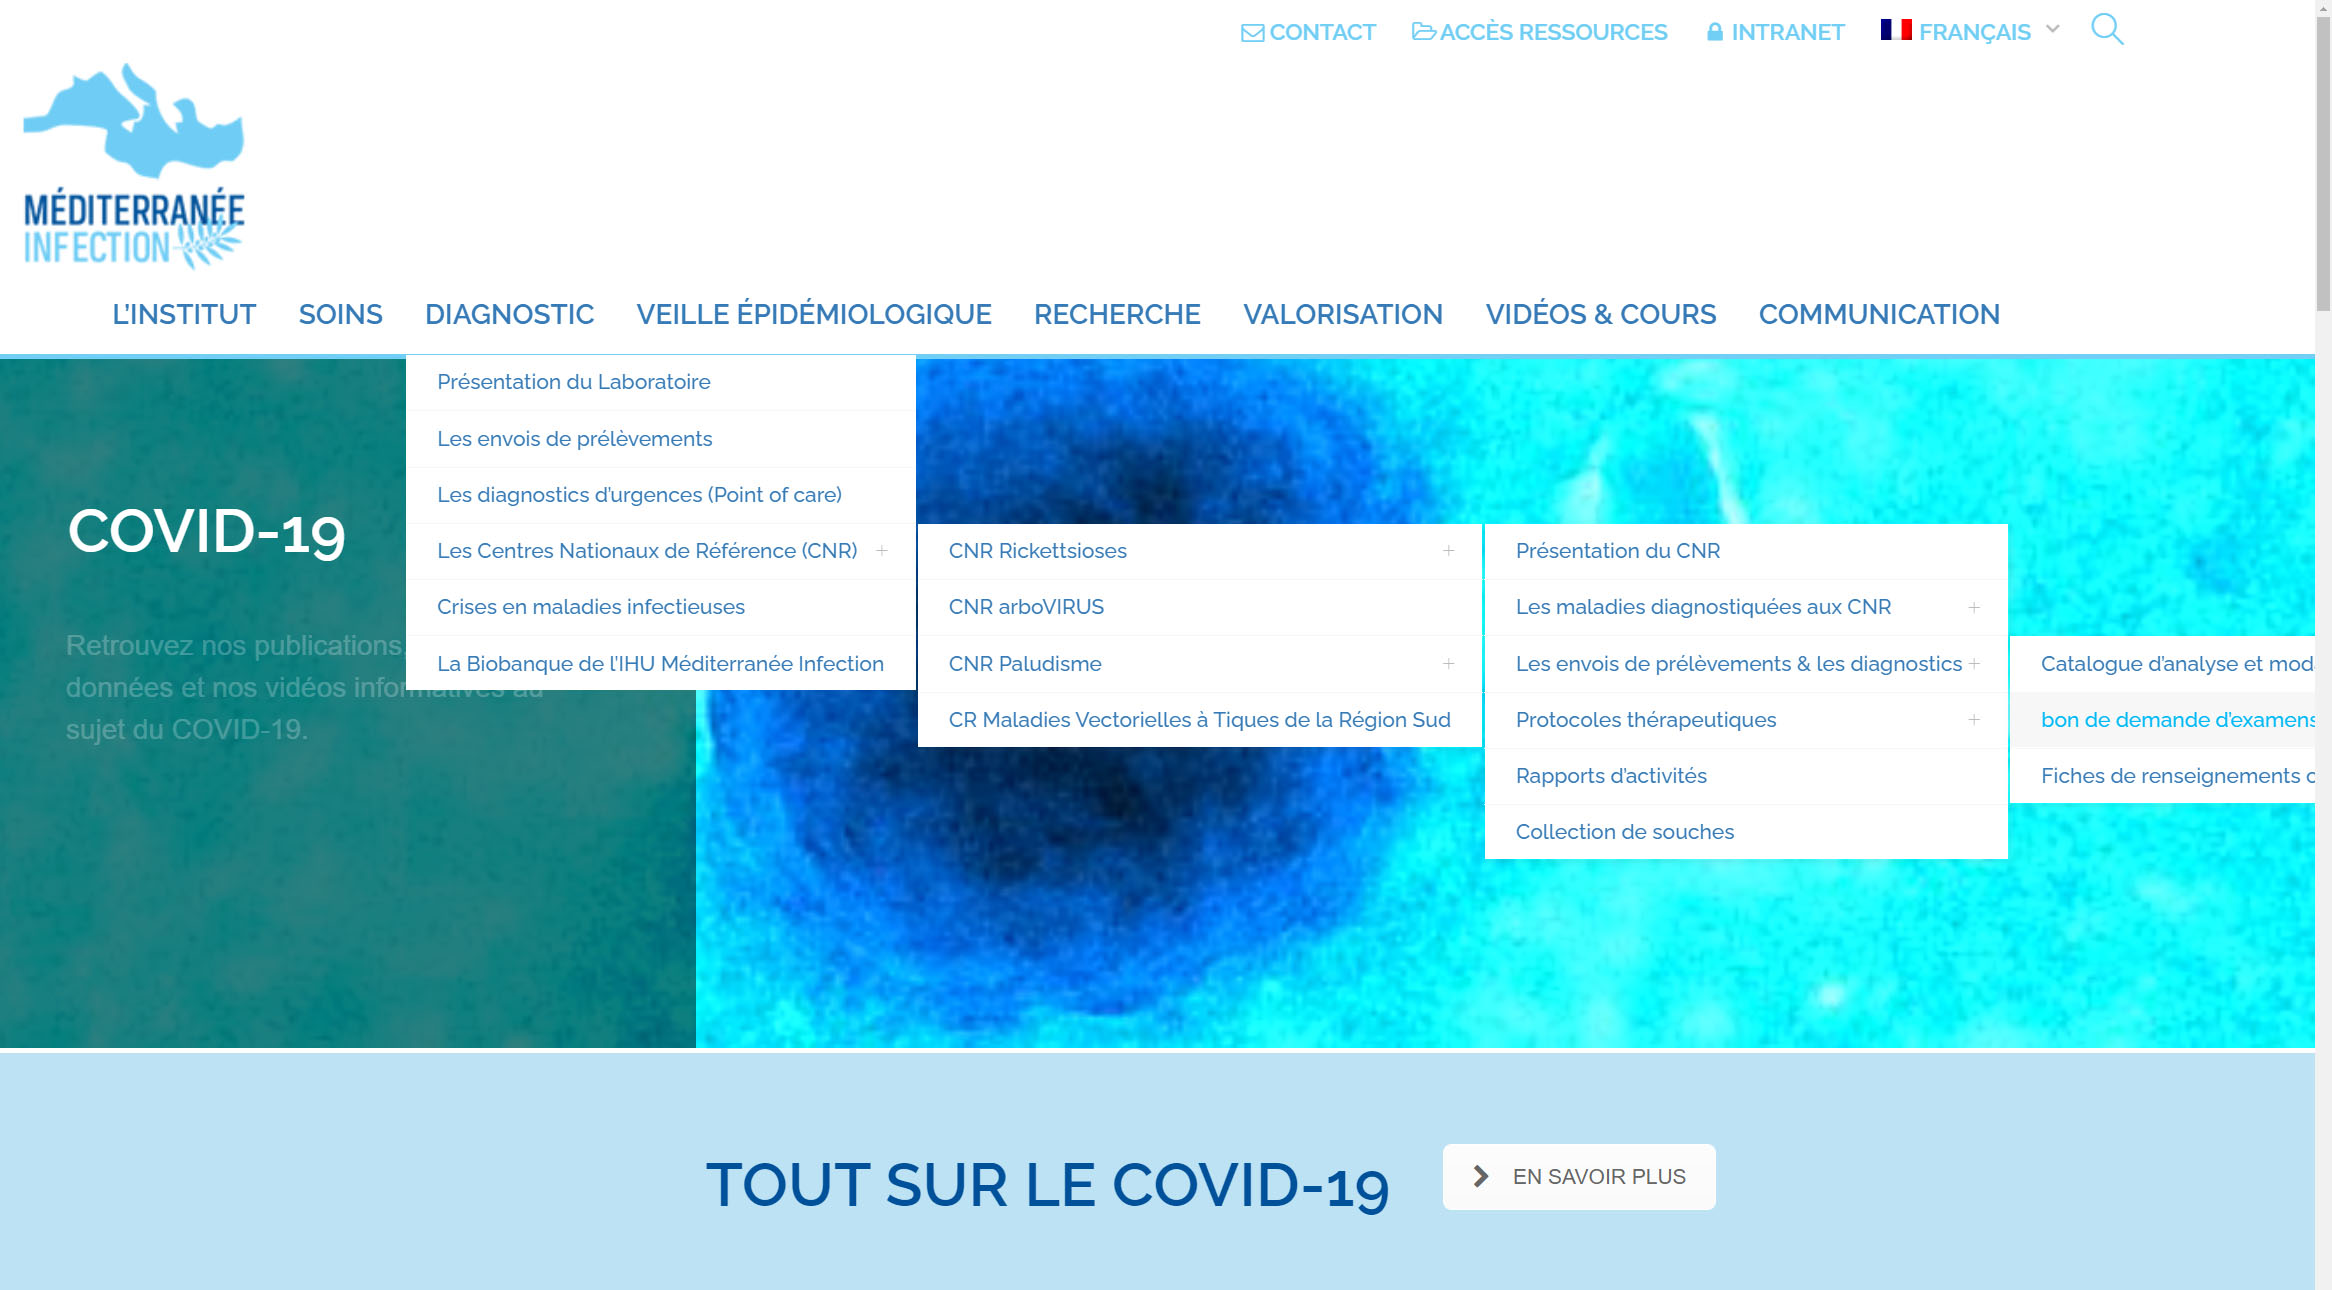 Exemple d'un site Internet professionnel avec un problème Flashplayer